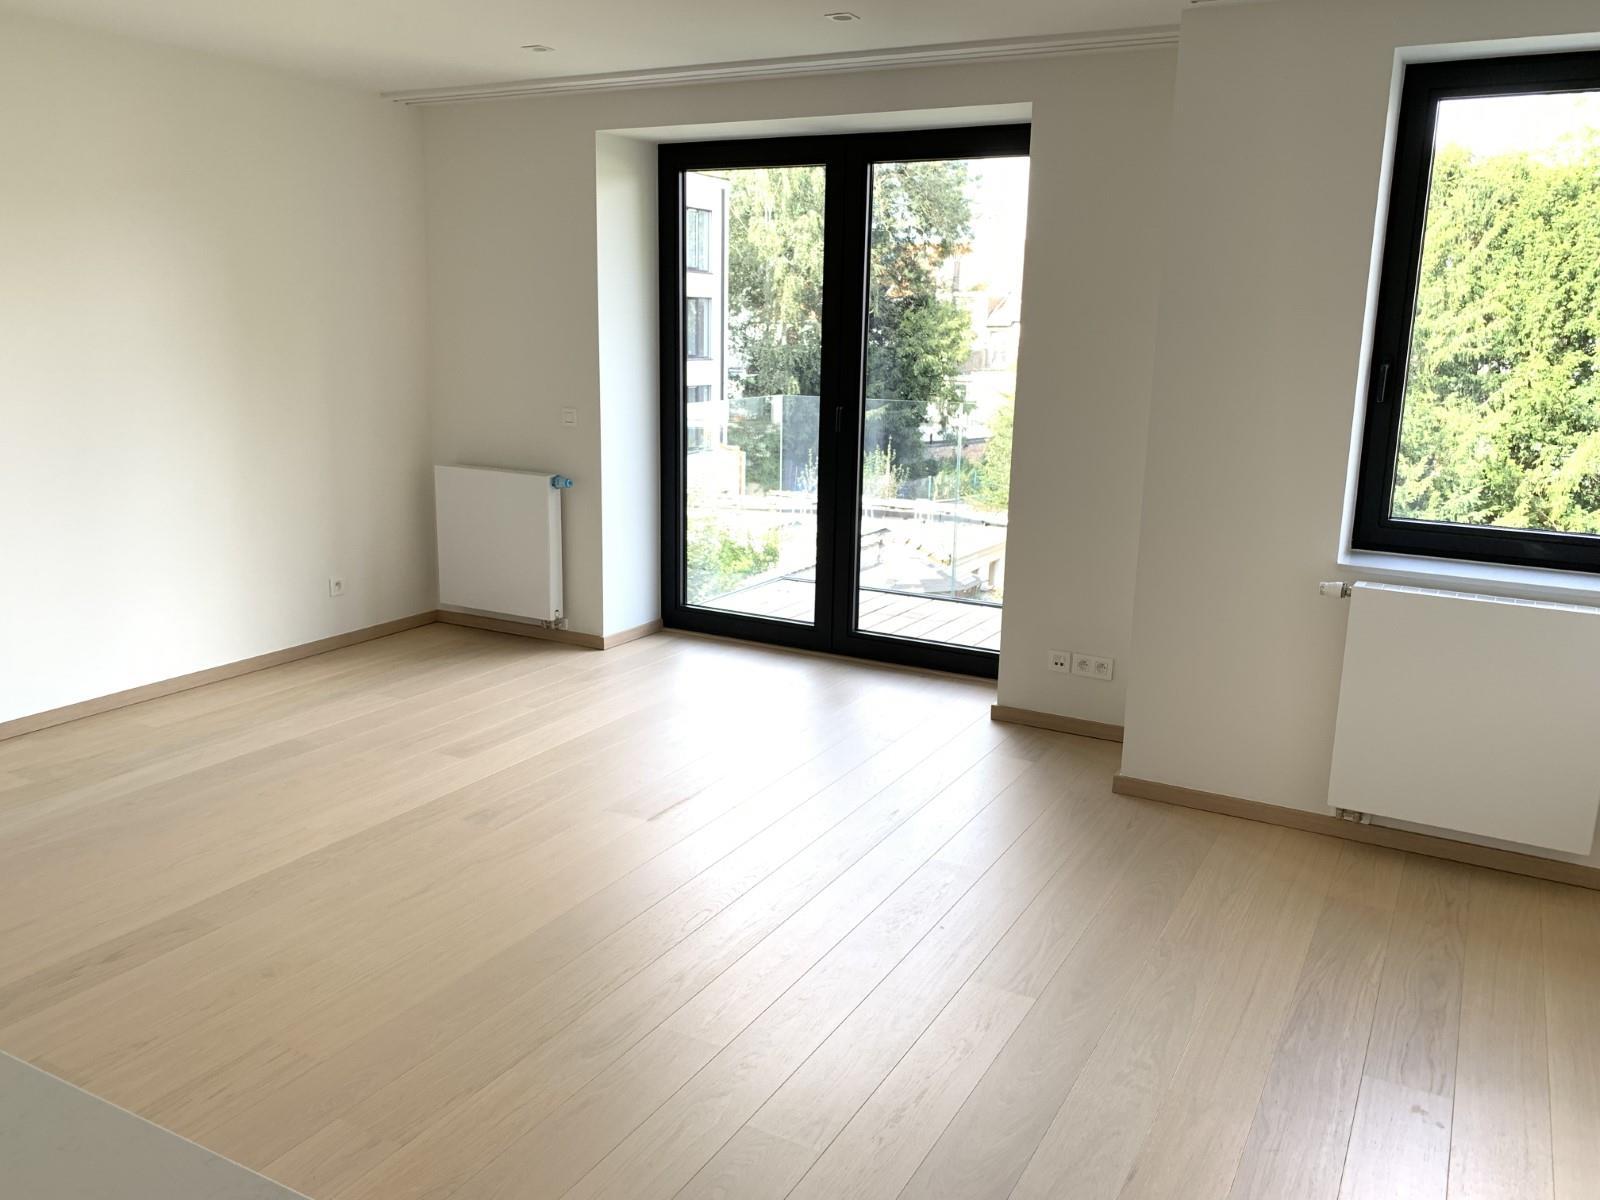 Appartement exceptionnel - Ixelles - #3851269-0